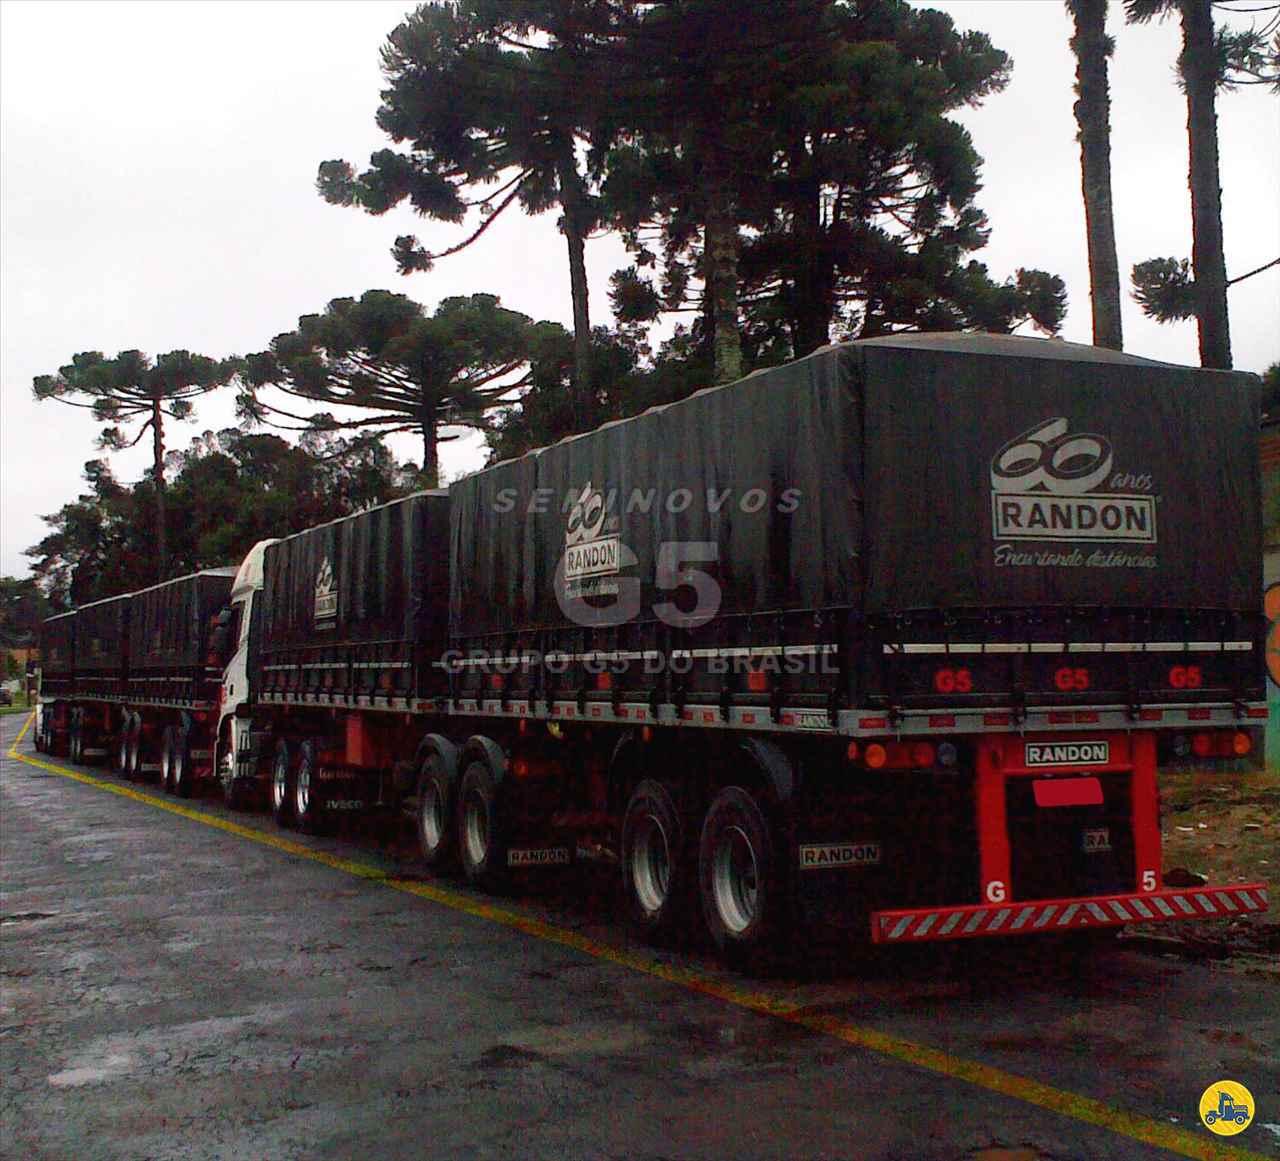 GRANELEIRO de Seminovos G5 do Brasil - CURITIBA/PR